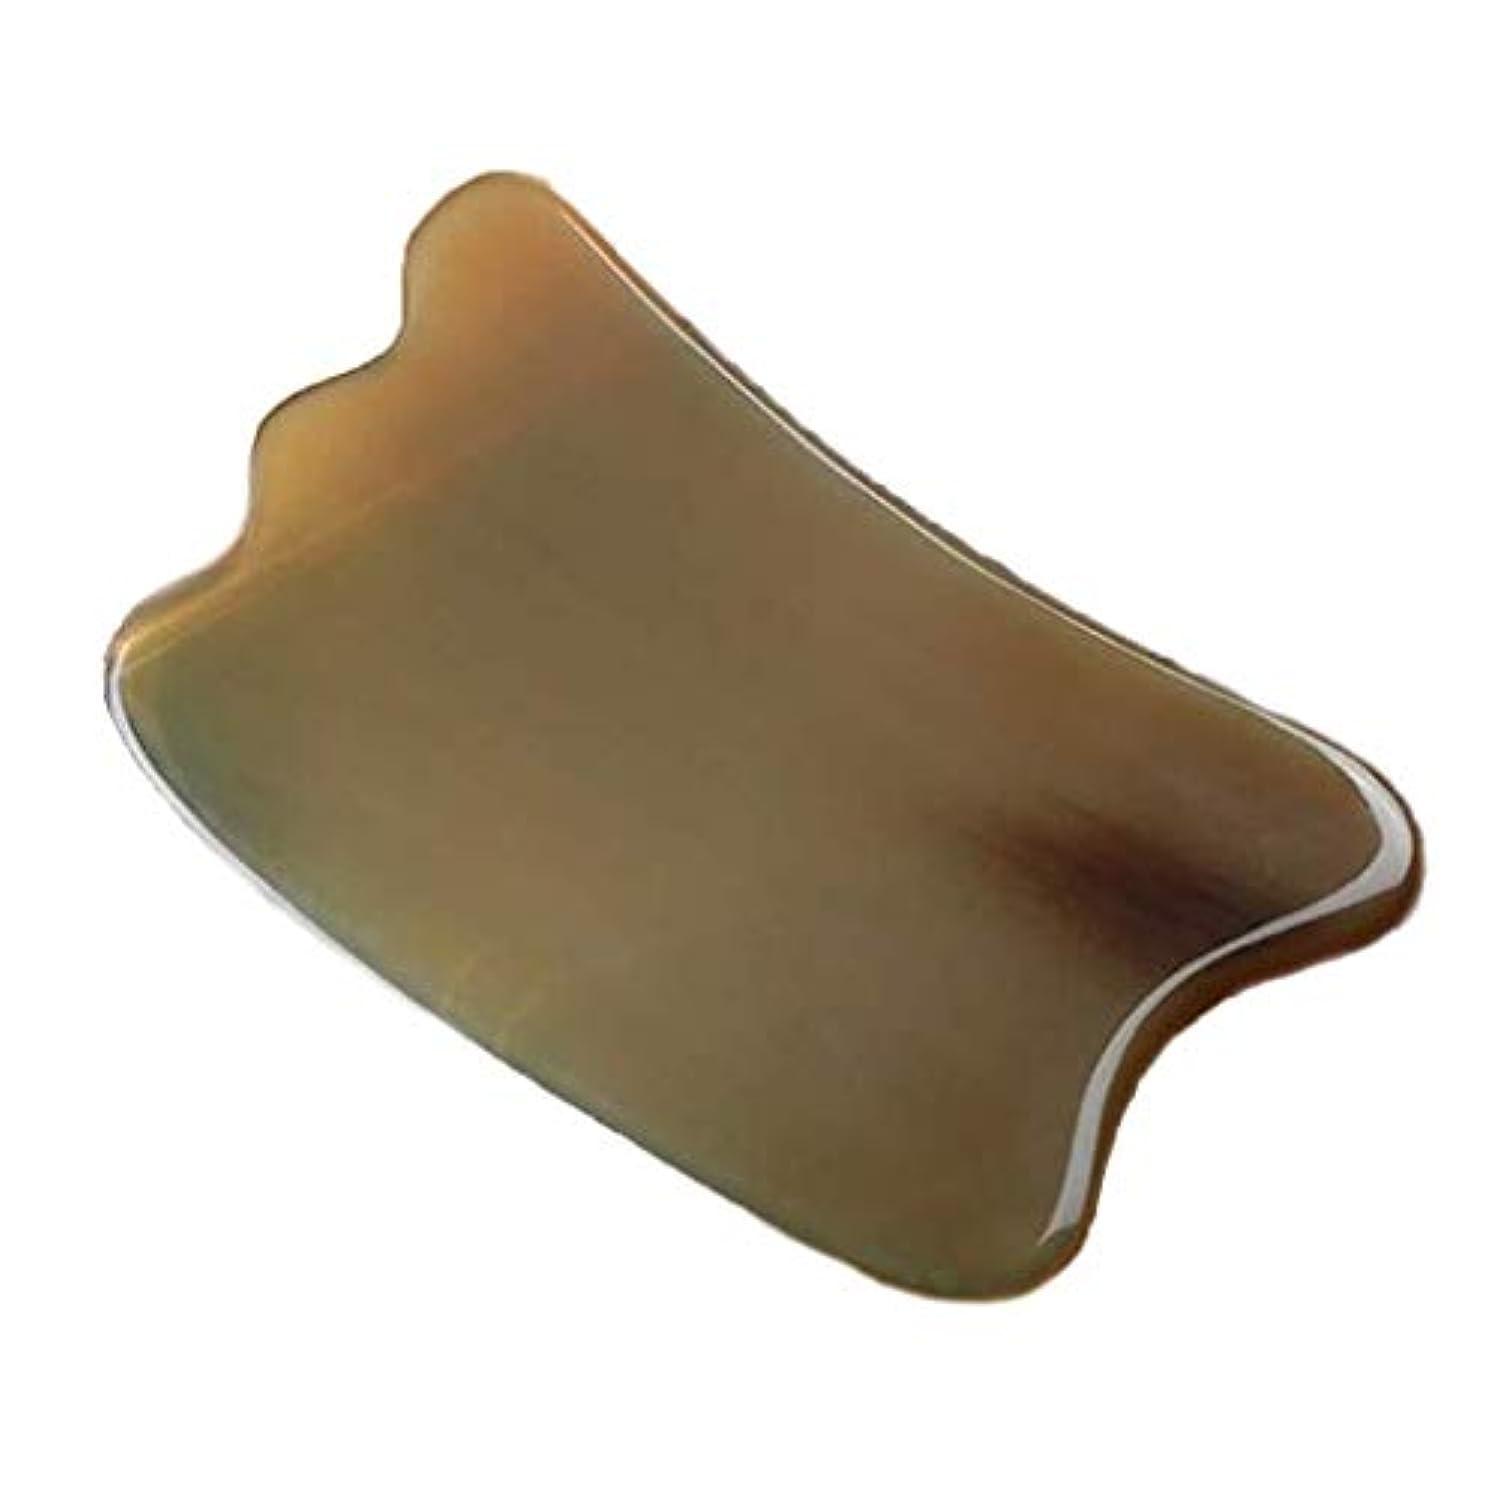 ケント健全広範囲にホーンスクレイピングボードグアシャスクレイピングマッサージツールナチュラルスクレイピングボードアイフェイシャルマッサージ